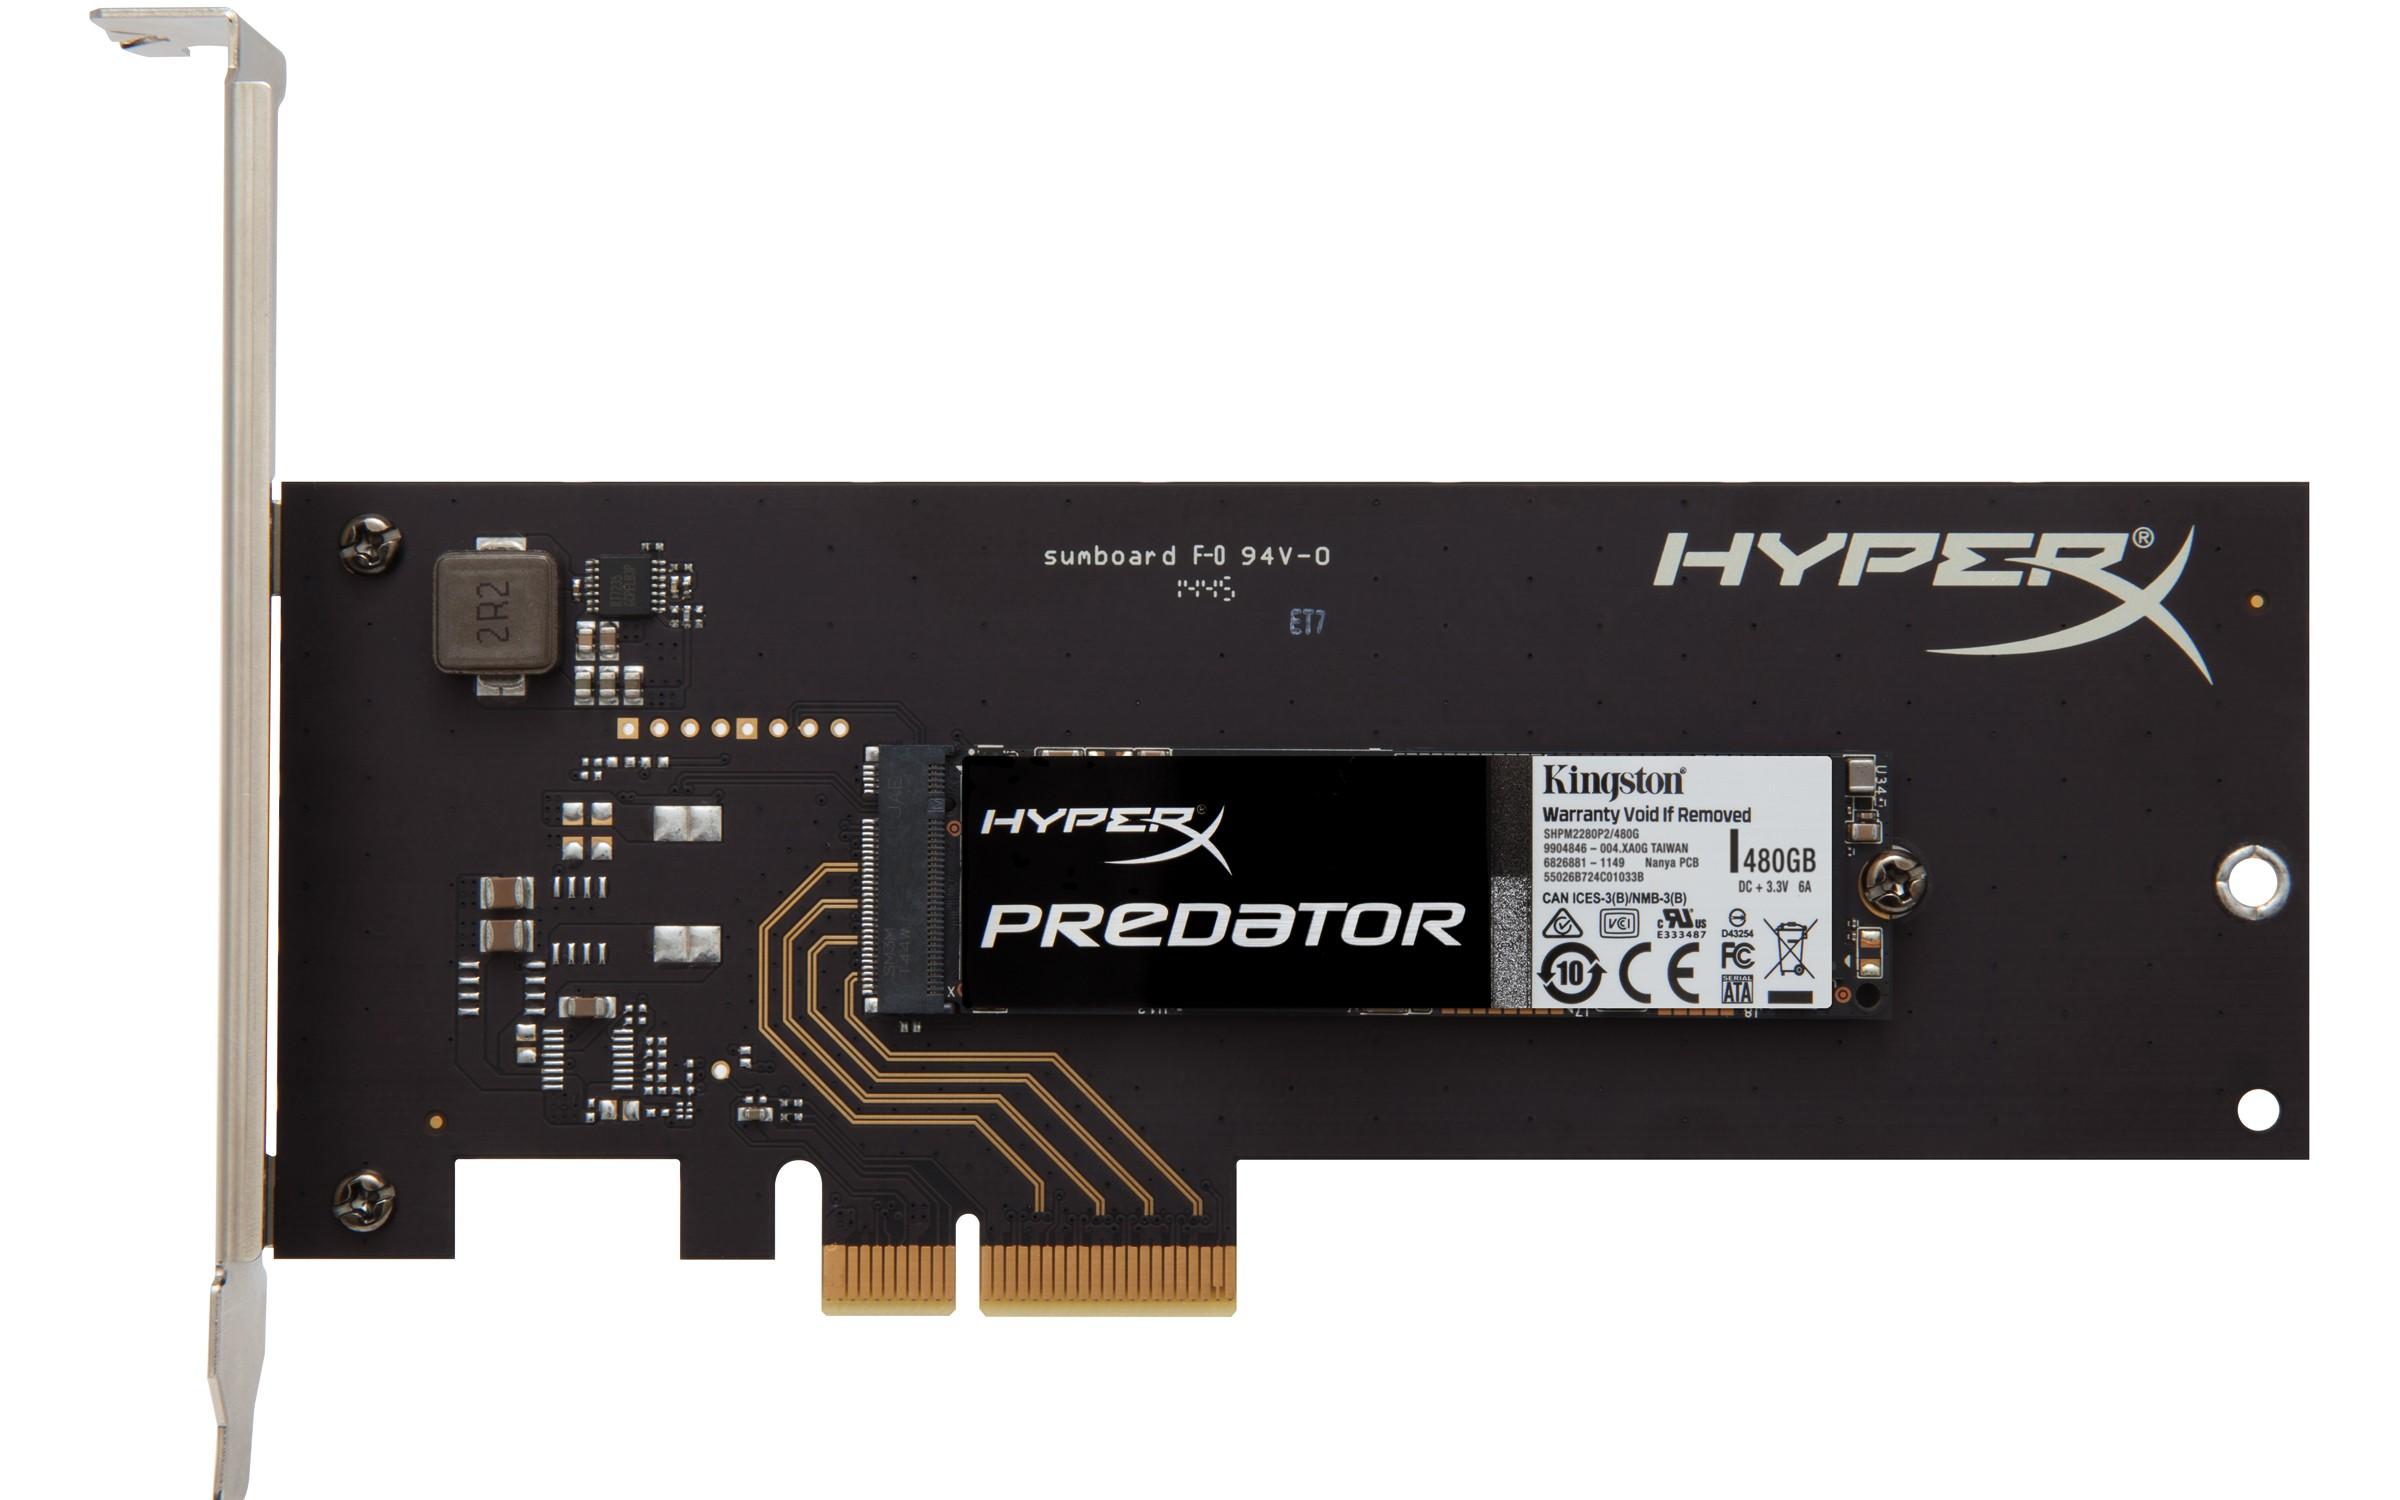 SHPM2280P2H 480GB - HyperX giới thiệu SSD PCIe hiệu năng cao